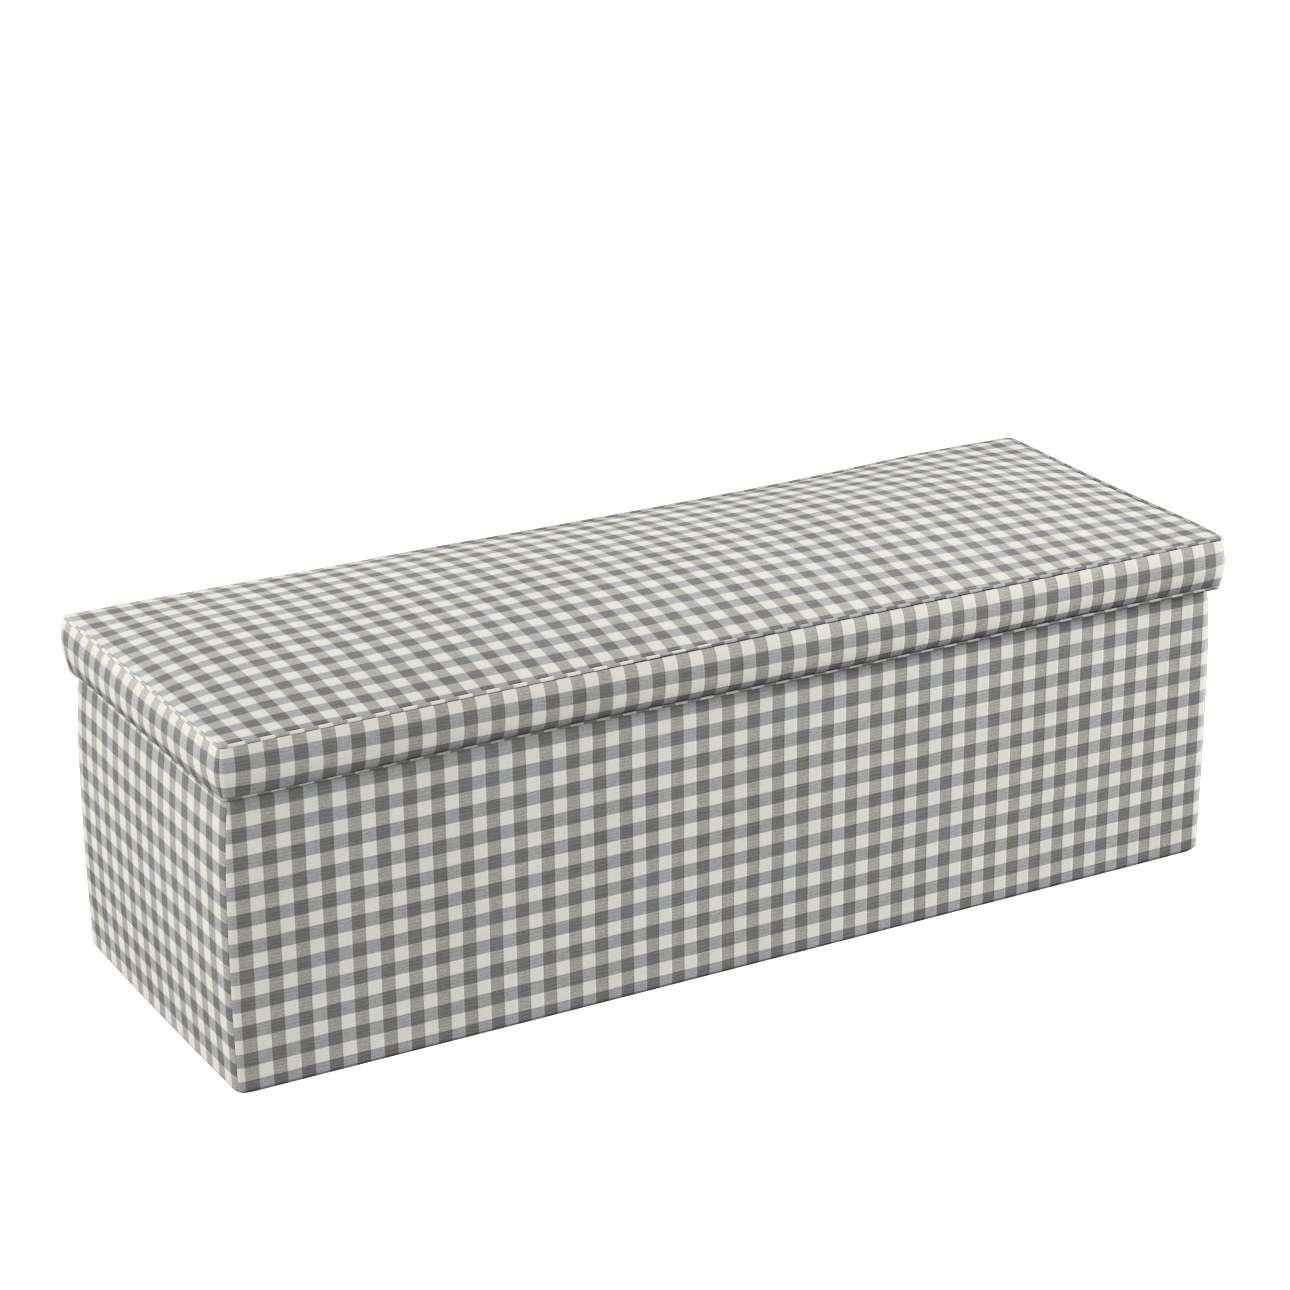 Truhe, grau-ecru , 90 x 40 x 40 cm, Quadro | Wohnzimmer > Truhen | Dekoria